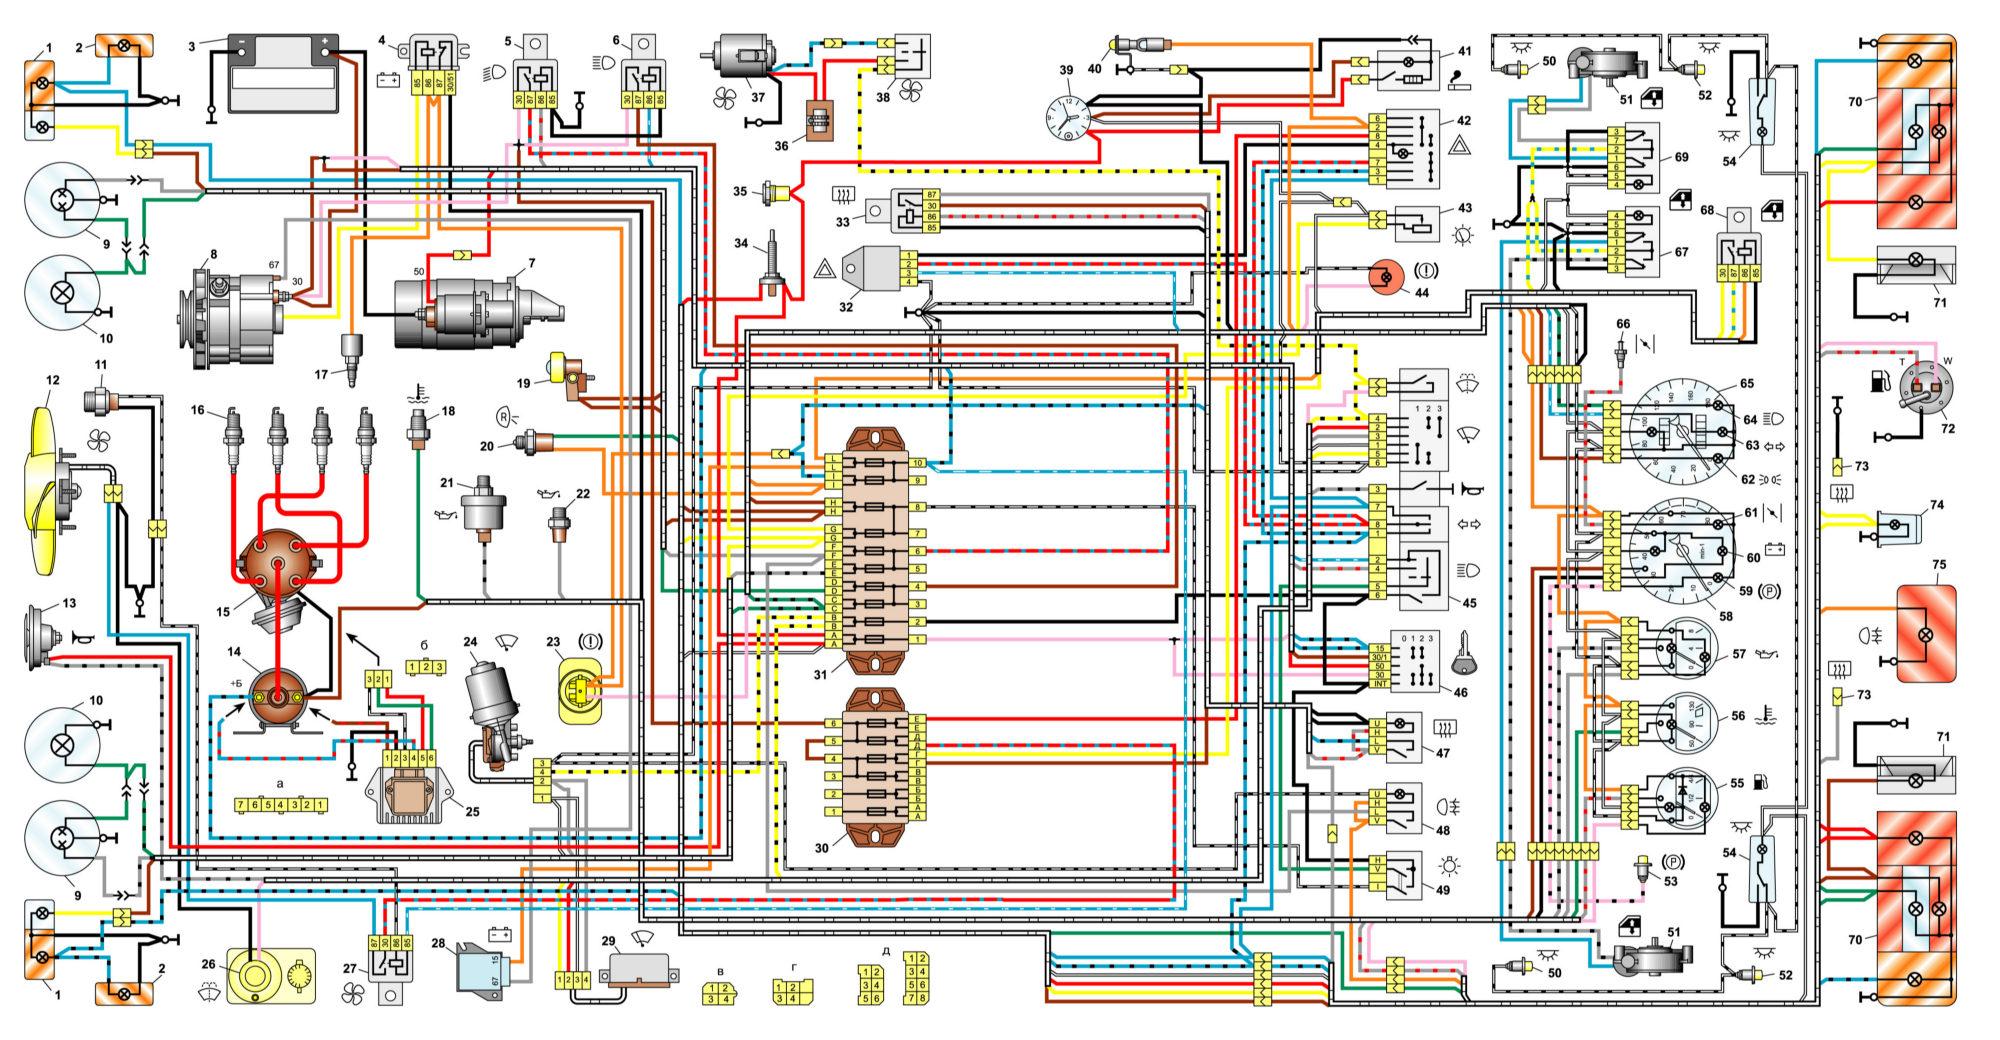 схема бесконтактной системы зажигания ауди 100 2 3 92г